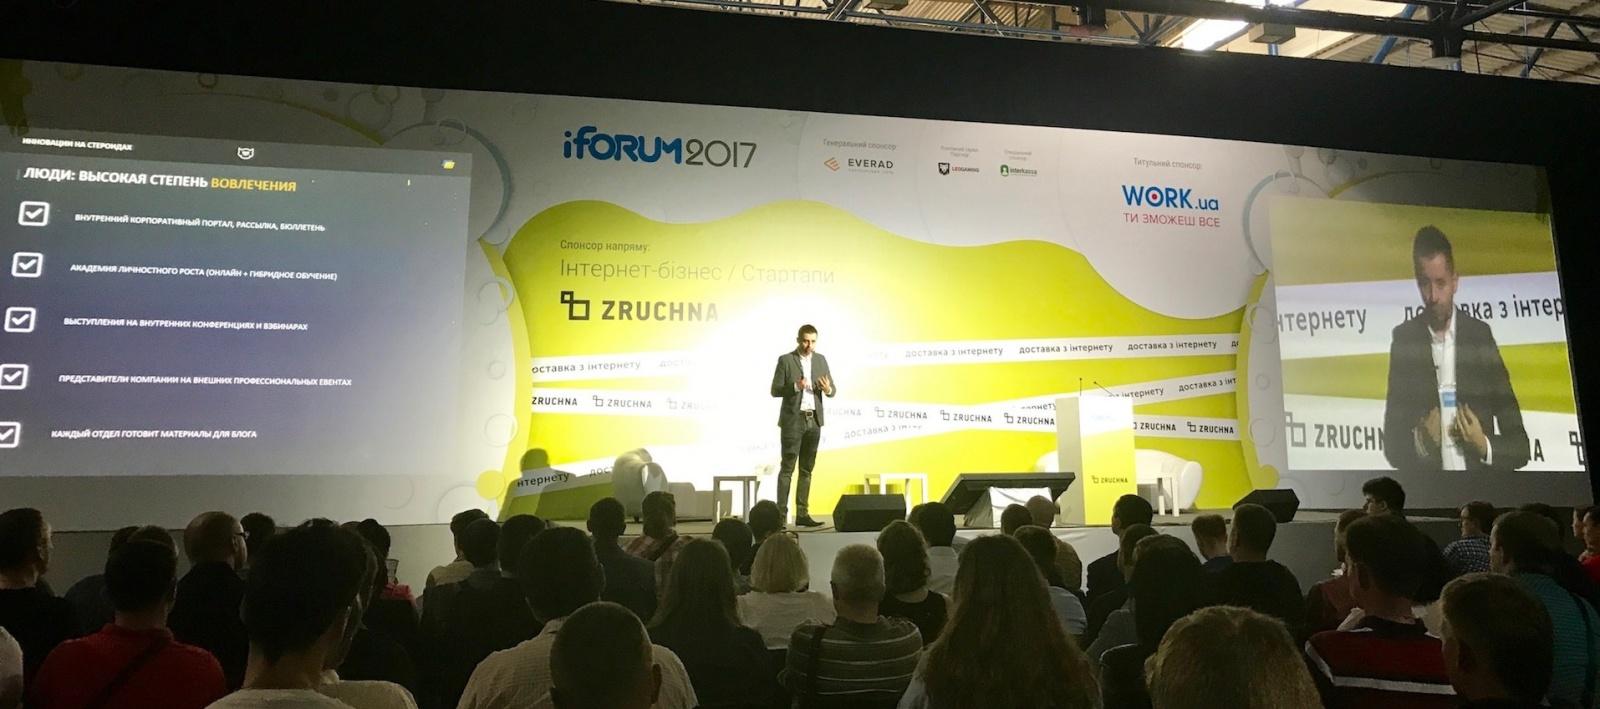 Большое ИТ-коммьюнити на конференции iForum 2017 (Киев) - 7